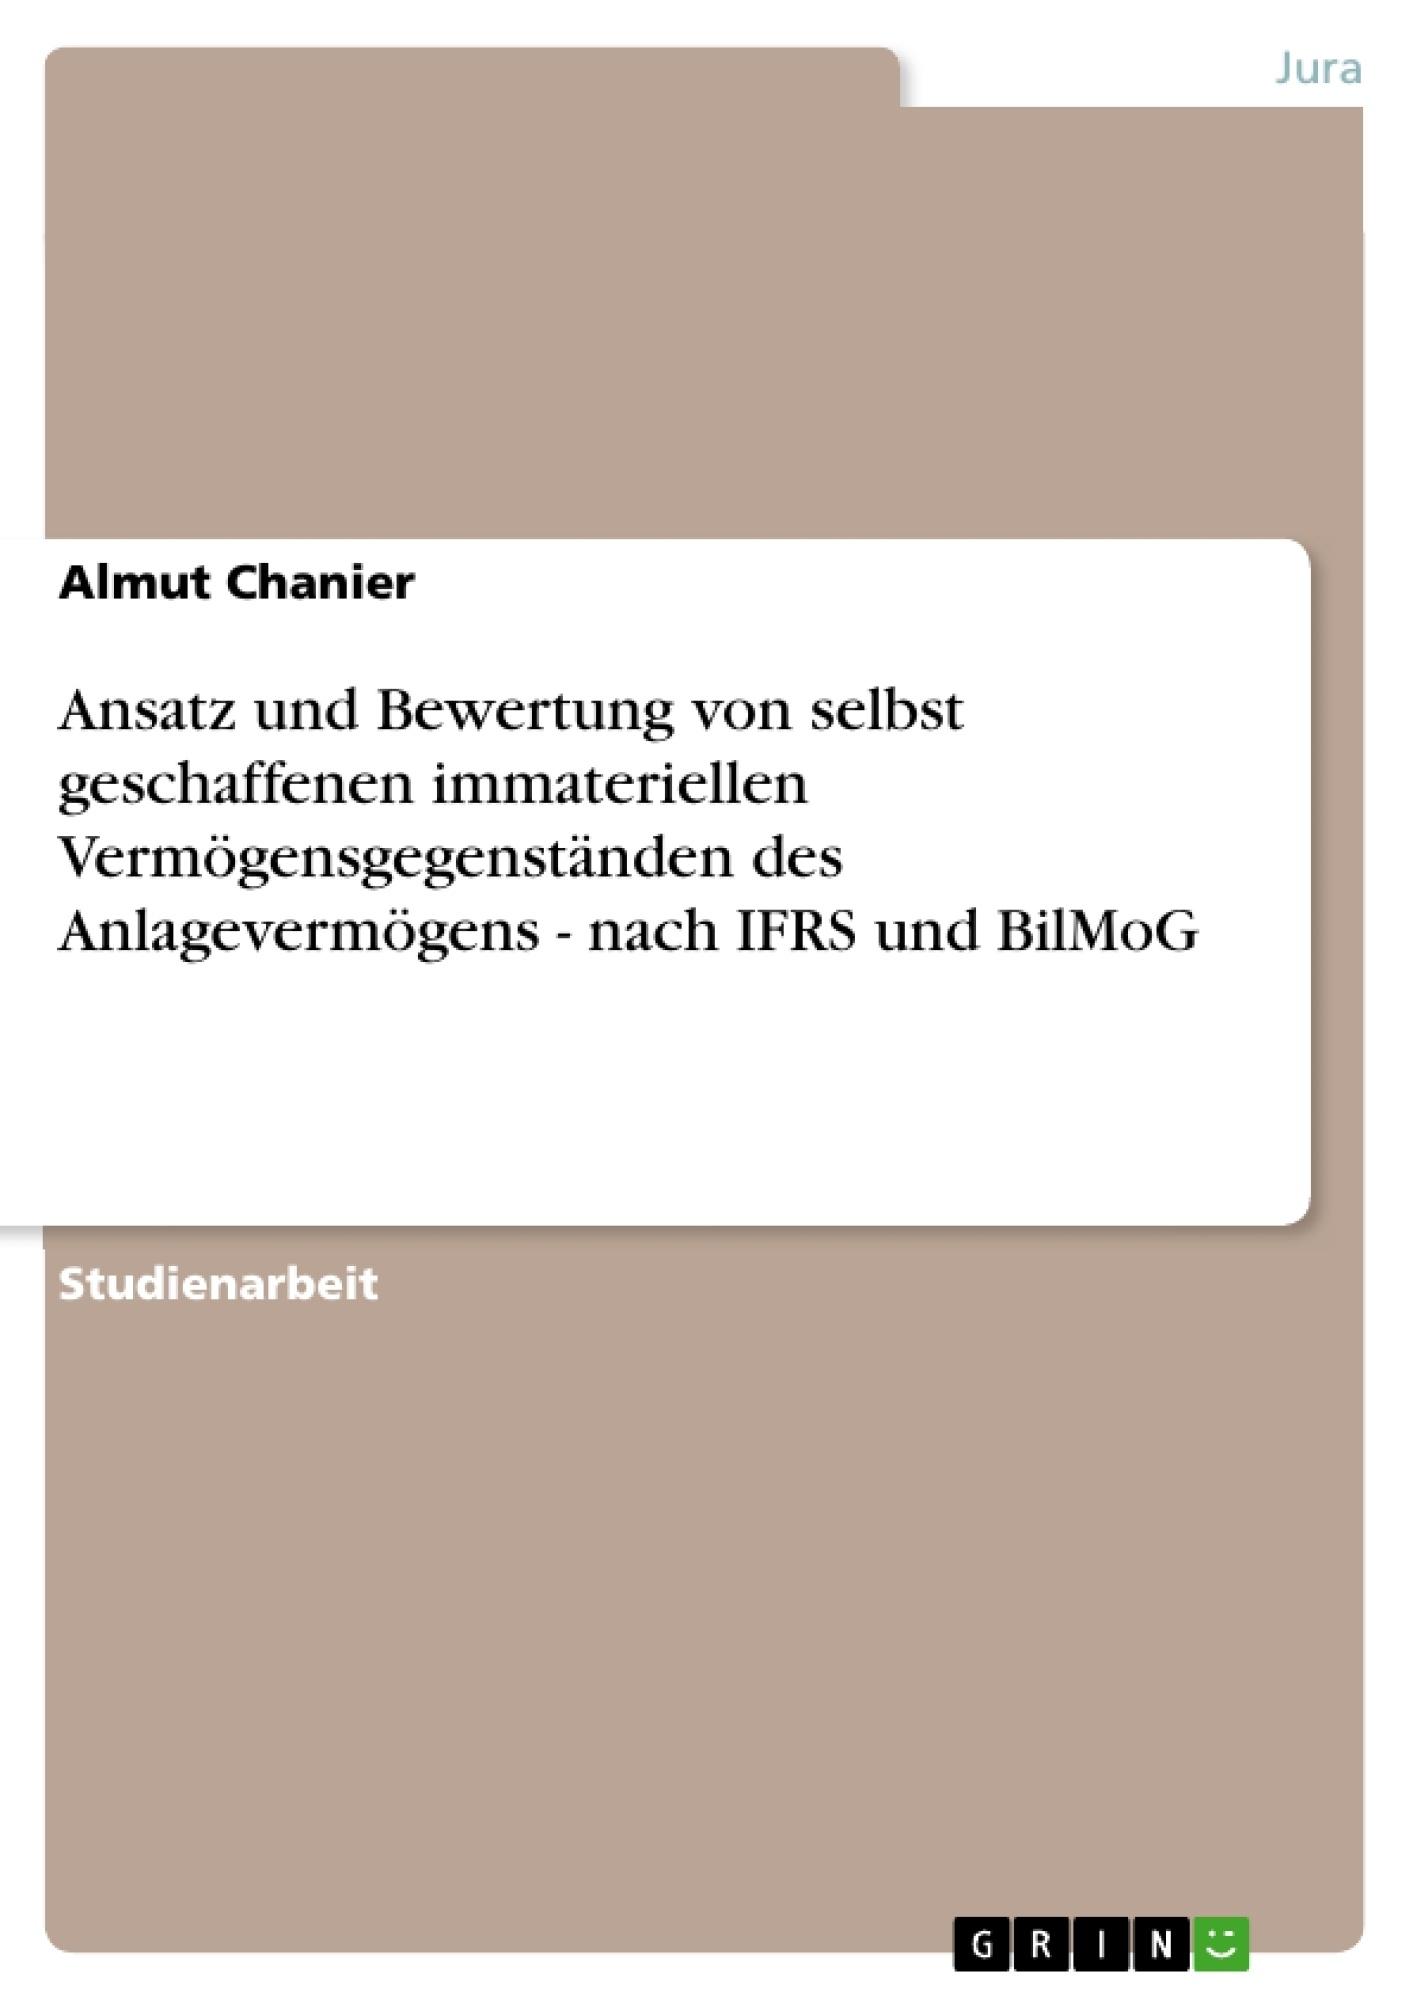 Titel: Ansatz und Bewertung von selbst geschaffenen immateriellen Vermögensgegenständen des Anlagevermögens - nach IFRS und BilMoG